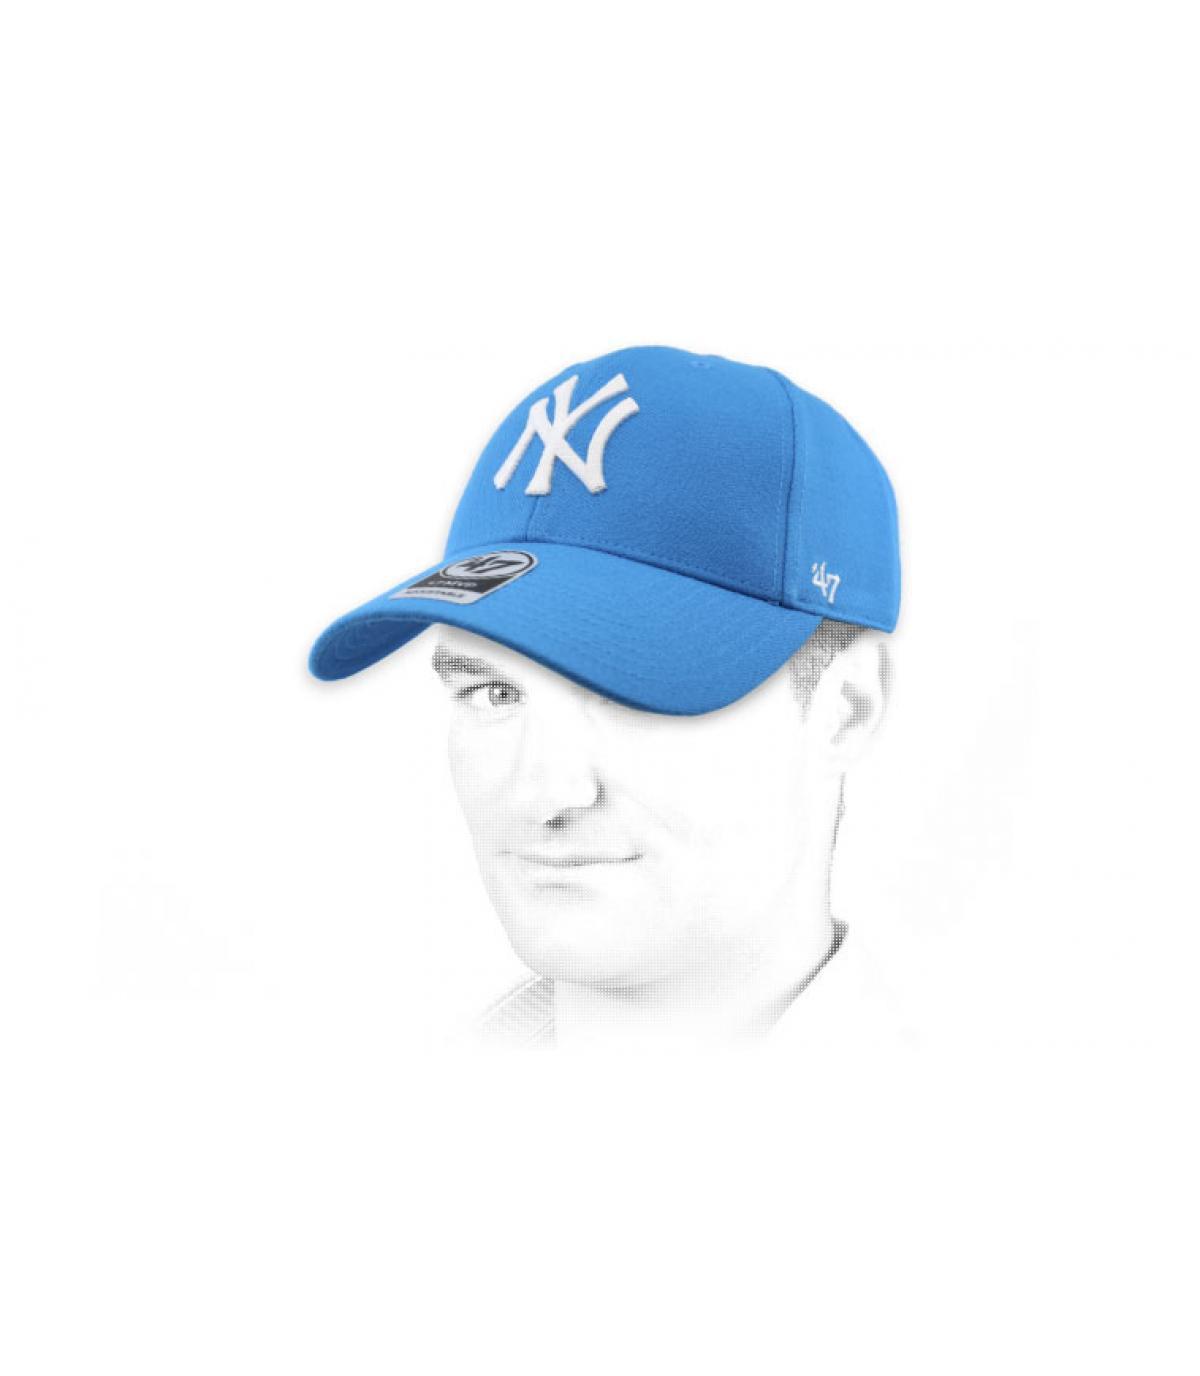 berretto NY chiaro blu 47